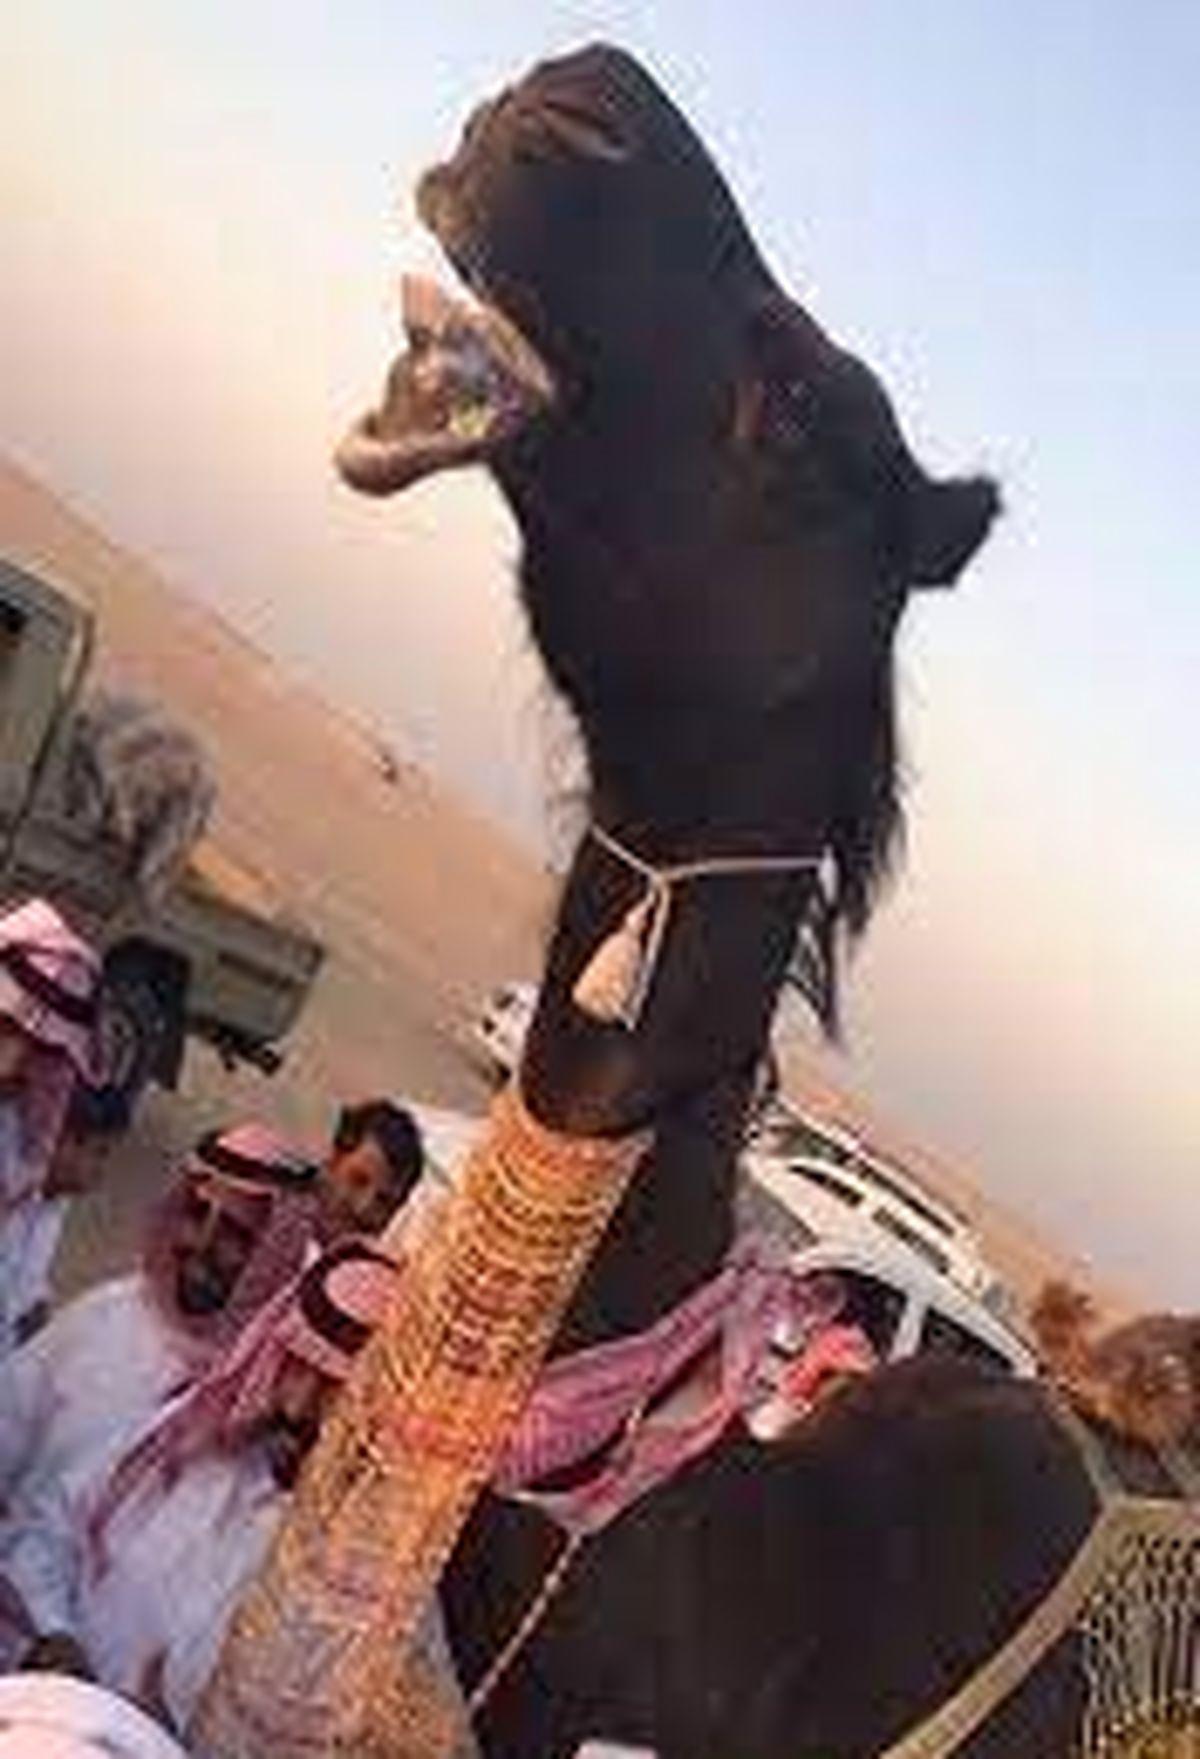 جوانان آرزو دارند با این شتر عجیب ازدواج کنند!